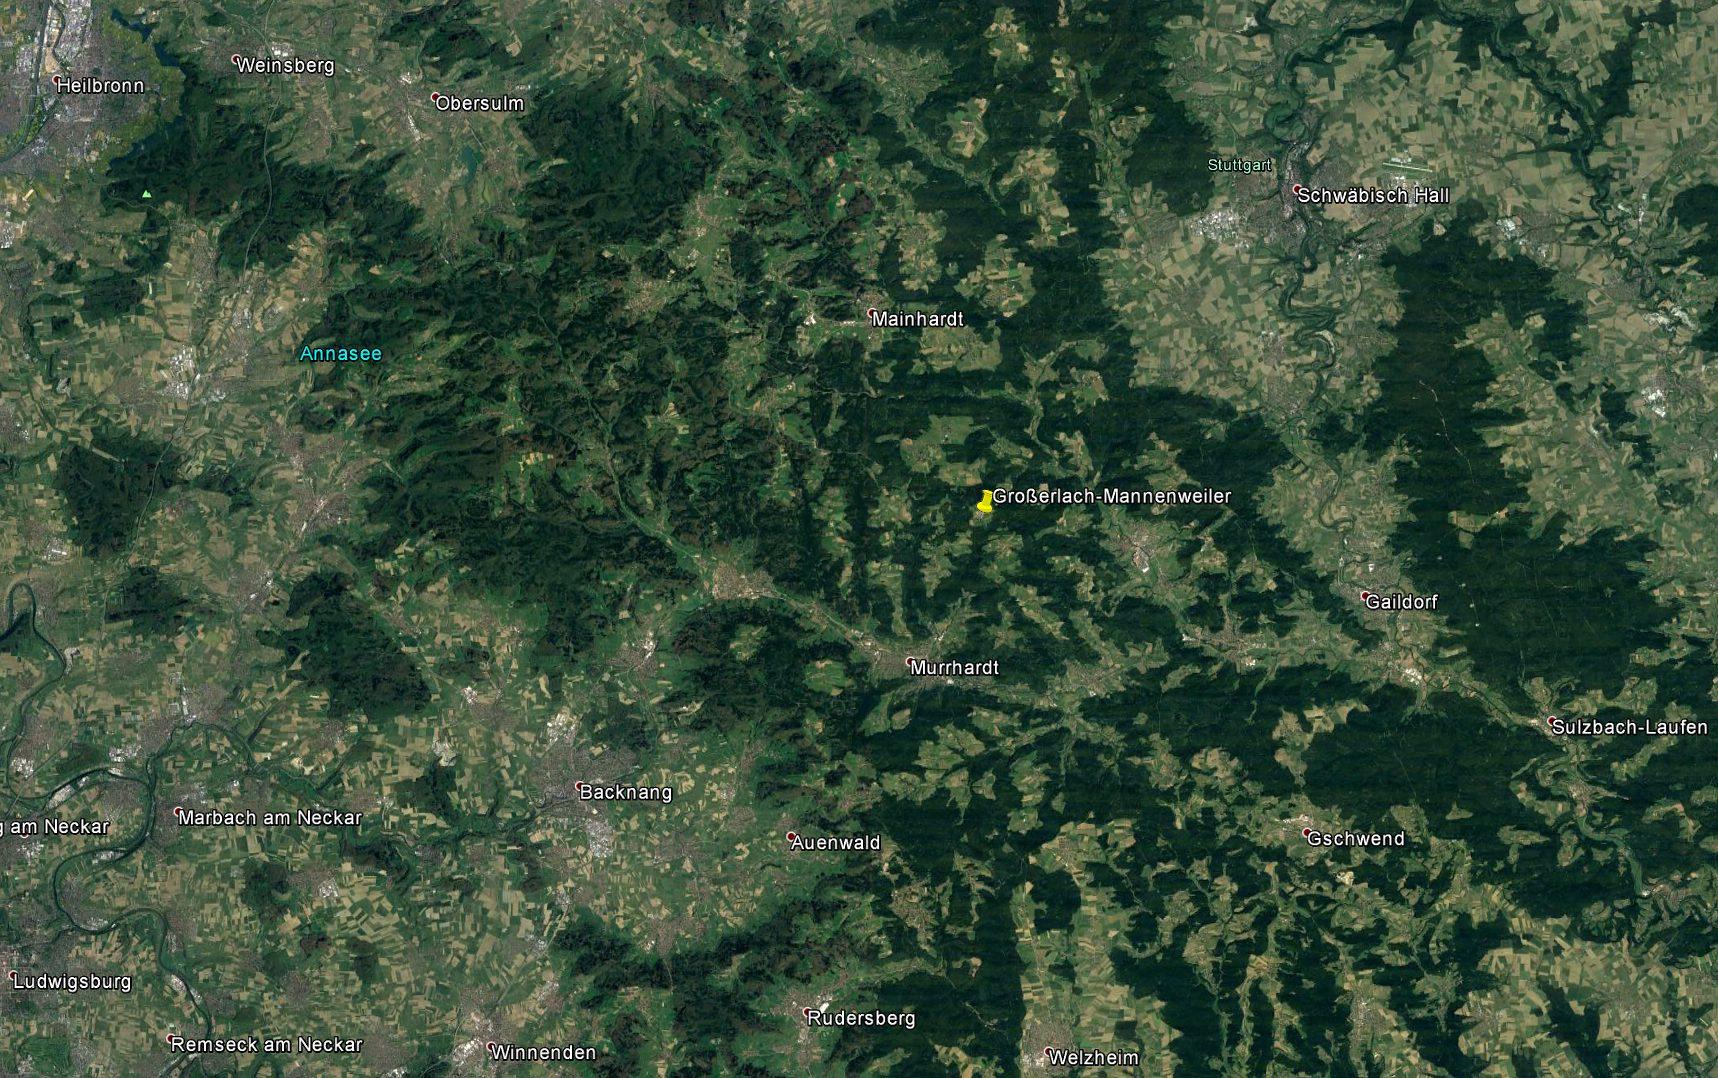 http://www.wetterstation-leutenbach.de/Bilder/mannenweiler1.jpg